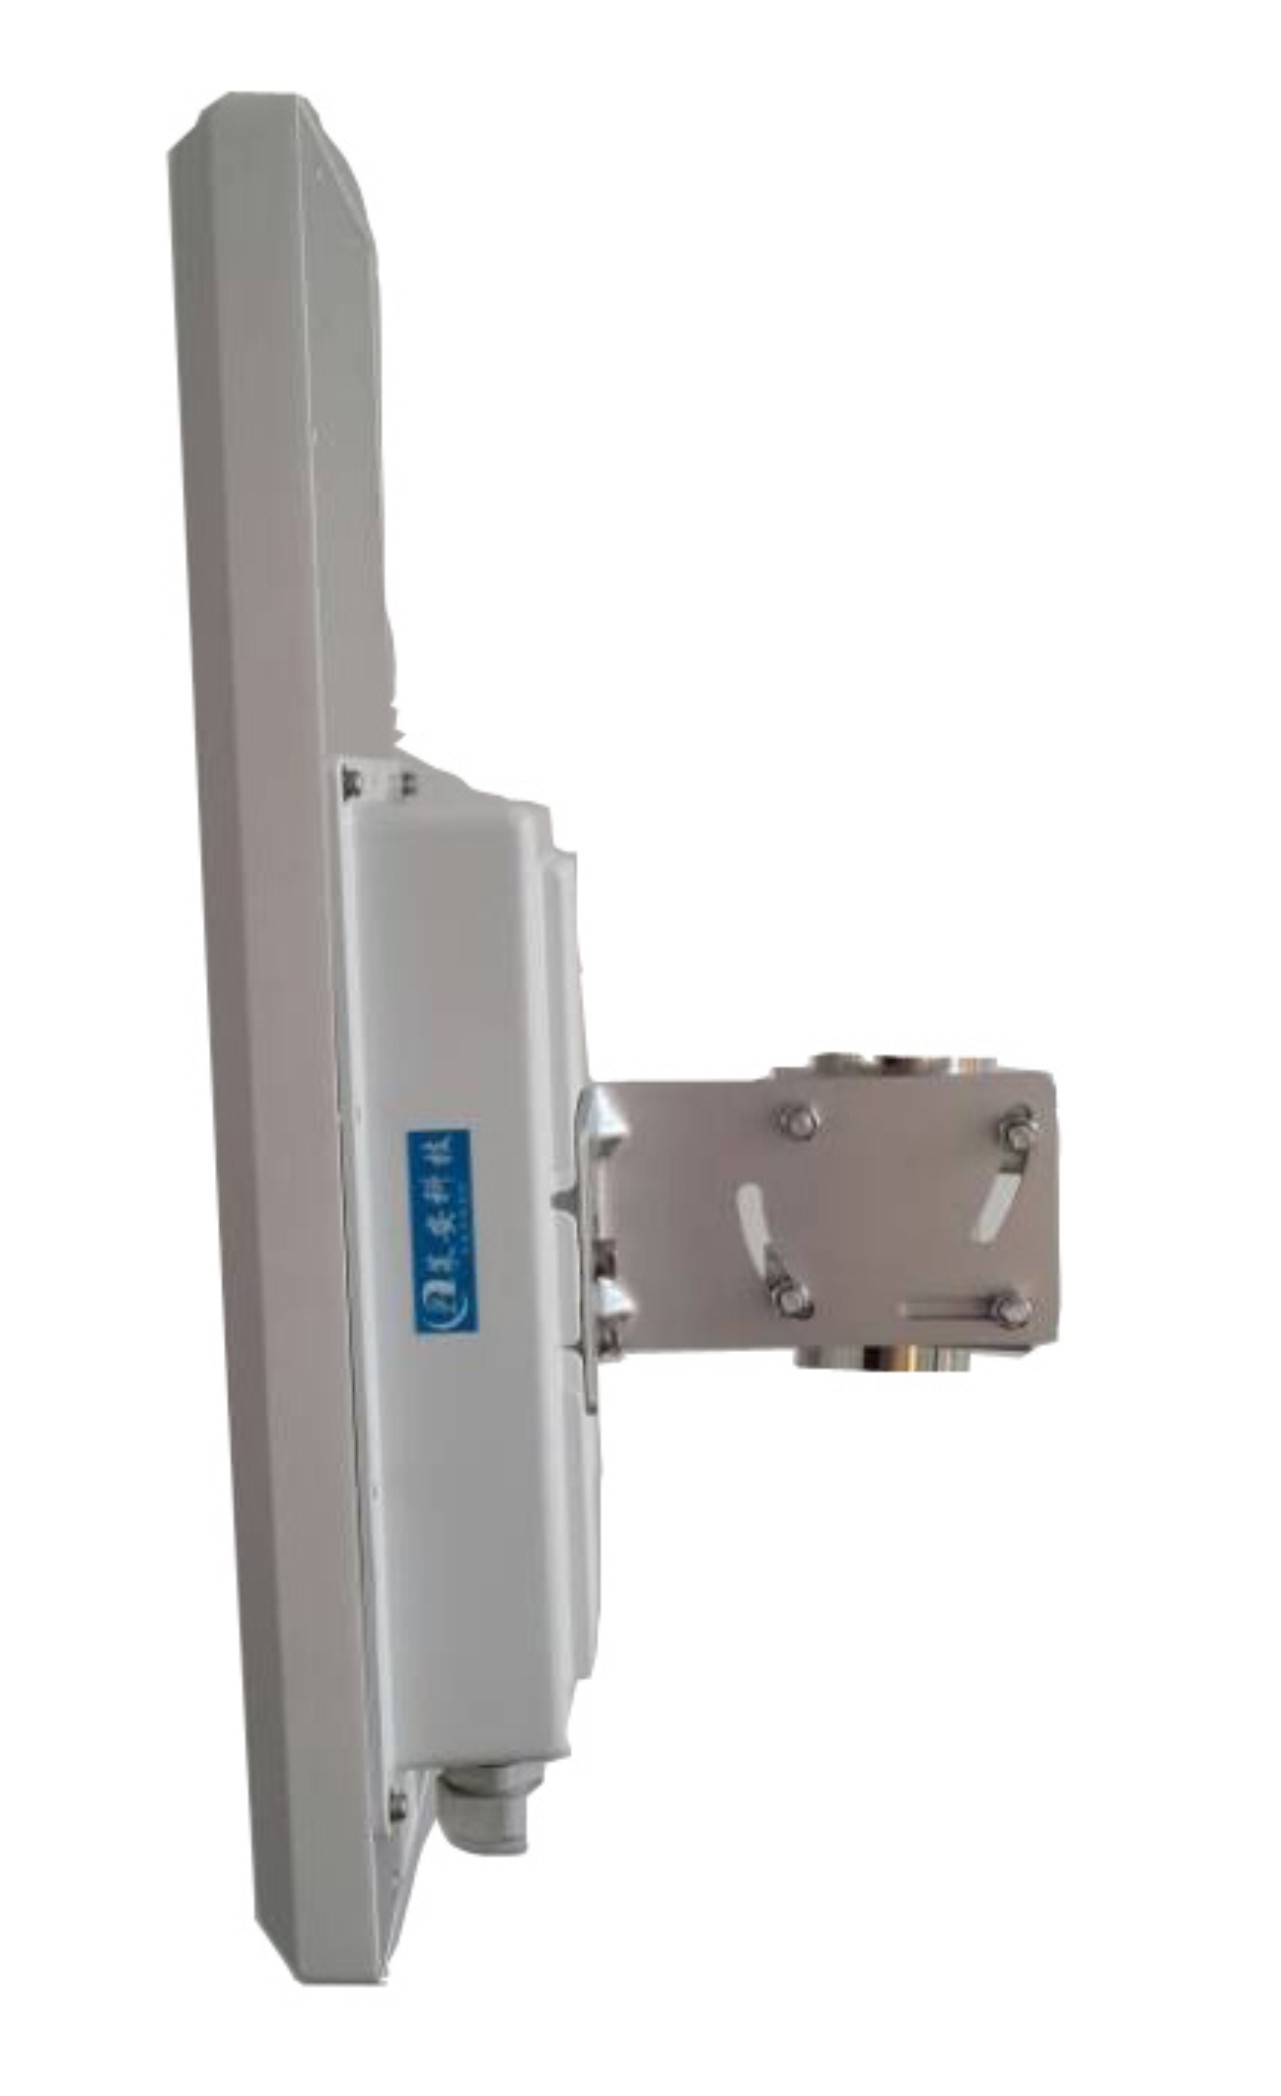 原装进口处理器无线网桥,系统稳定无线监控传输设备